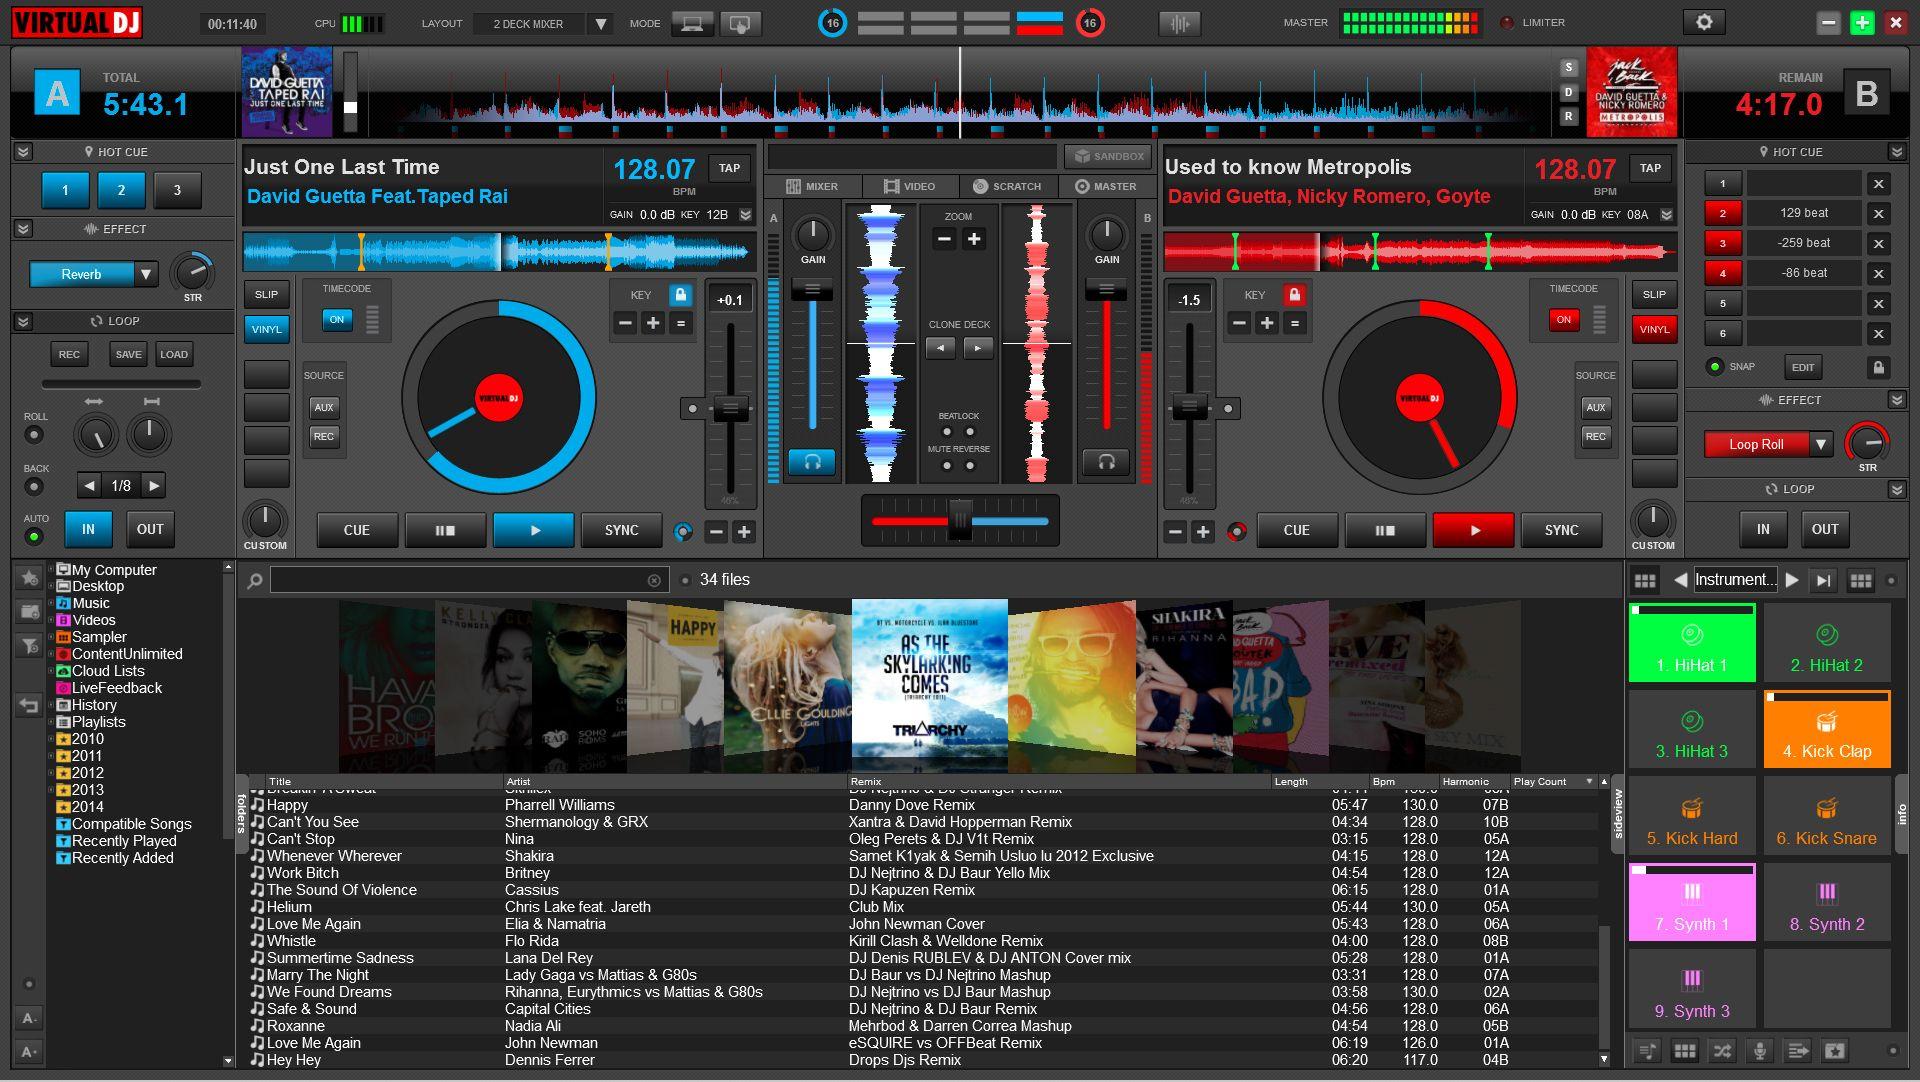 virtual dj download gratis ita